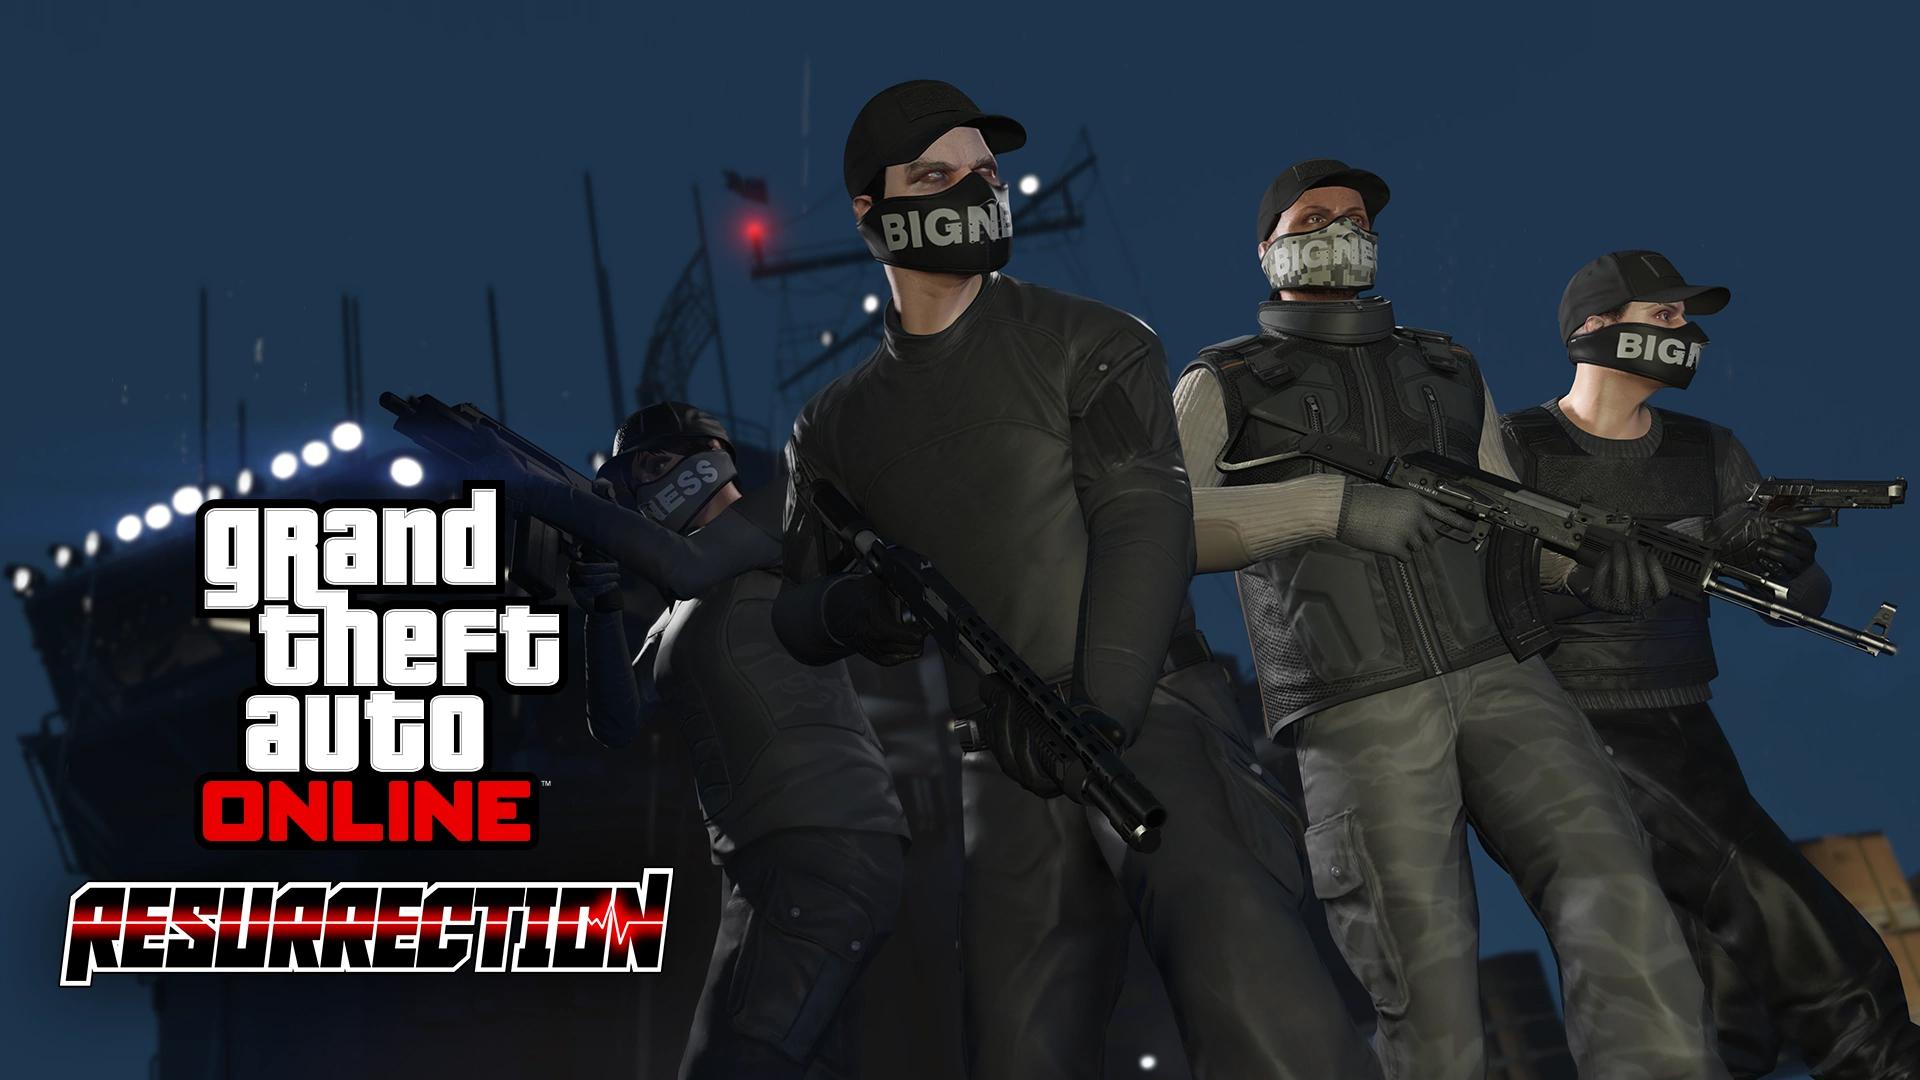 GTA Online Resurection